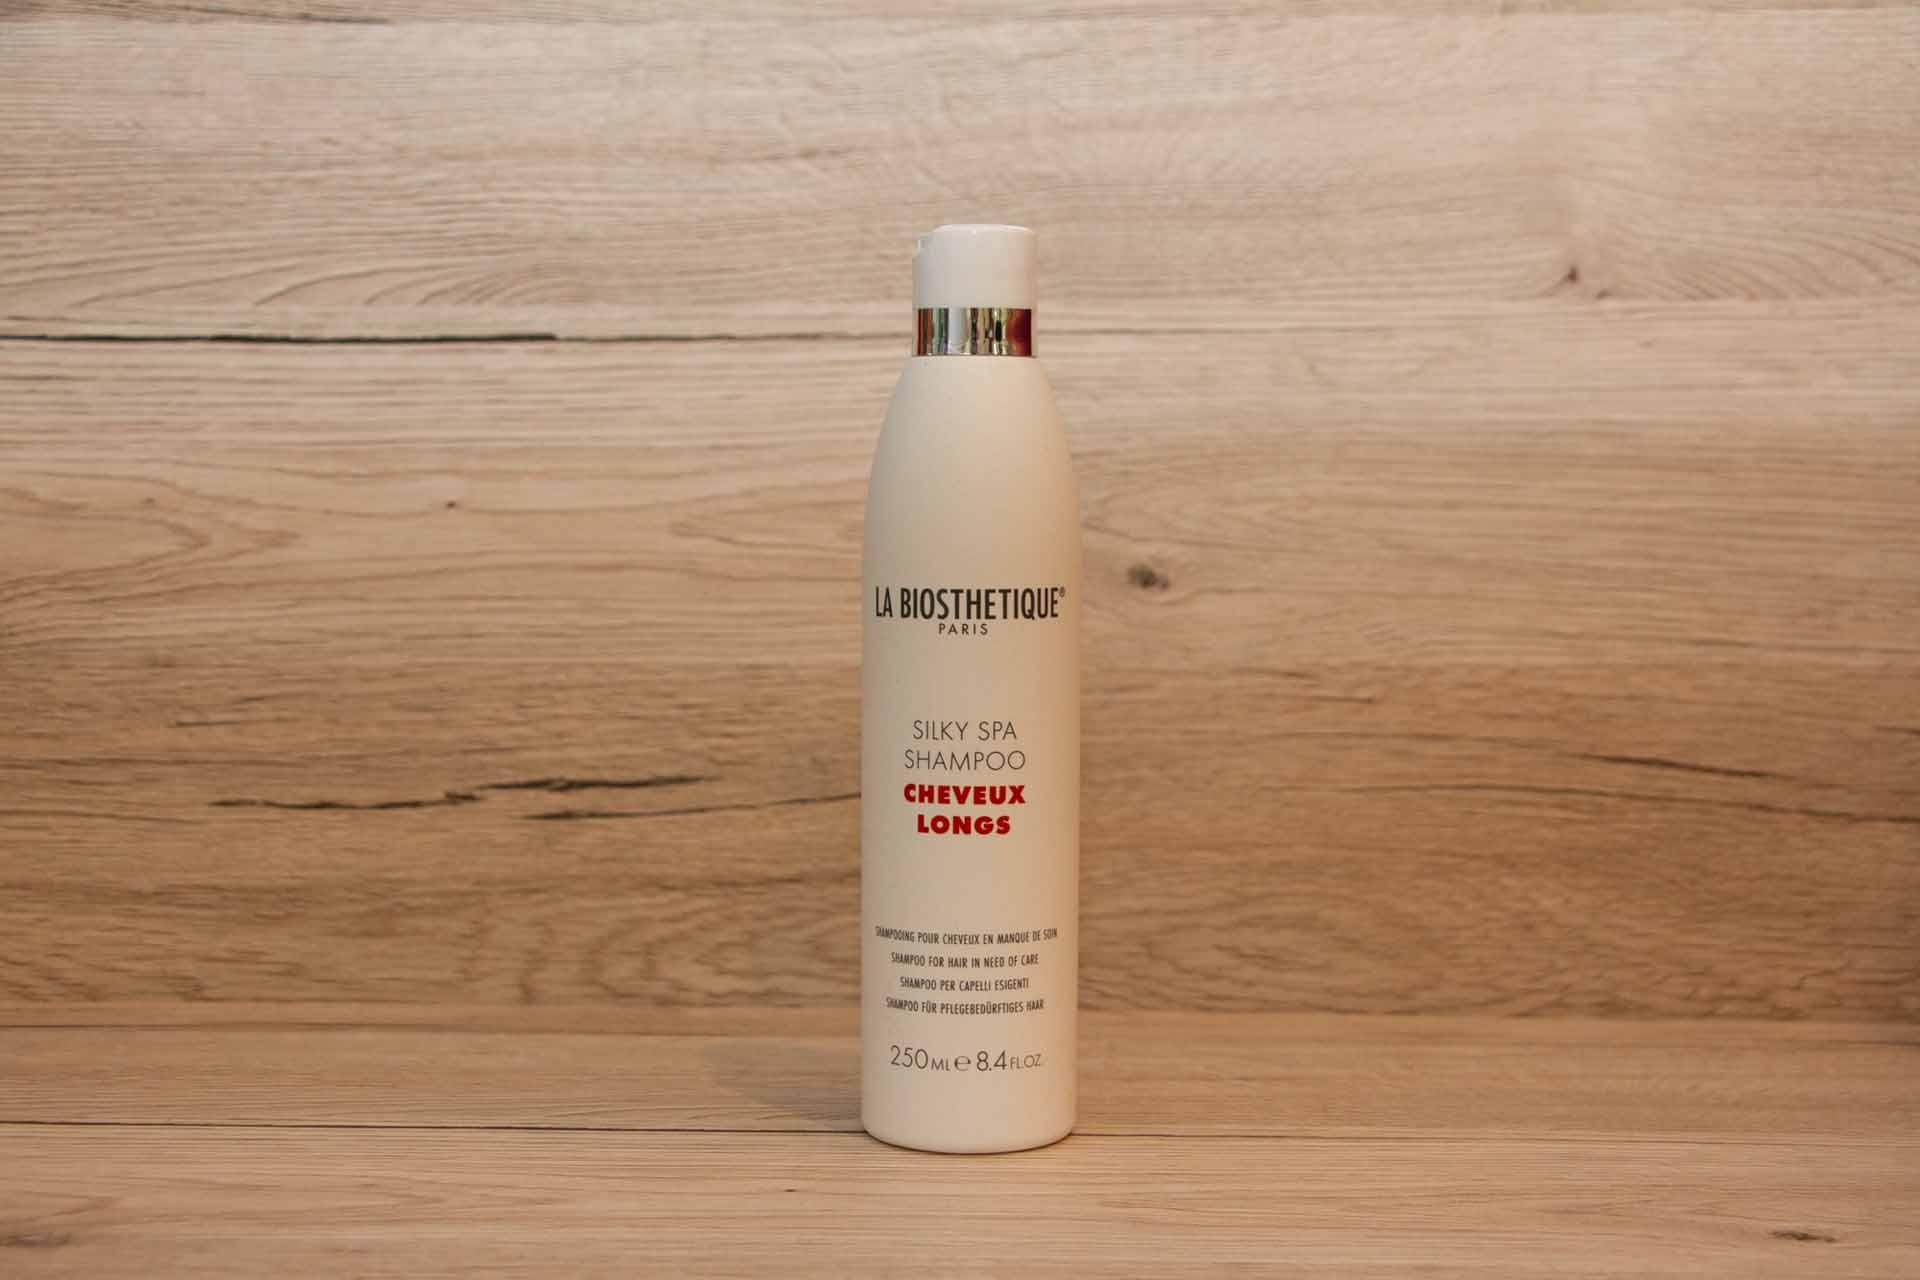 Prodotti La Biosthetique, Silky Spa Shampoo, Diego Staff Parrucchieri Spinea